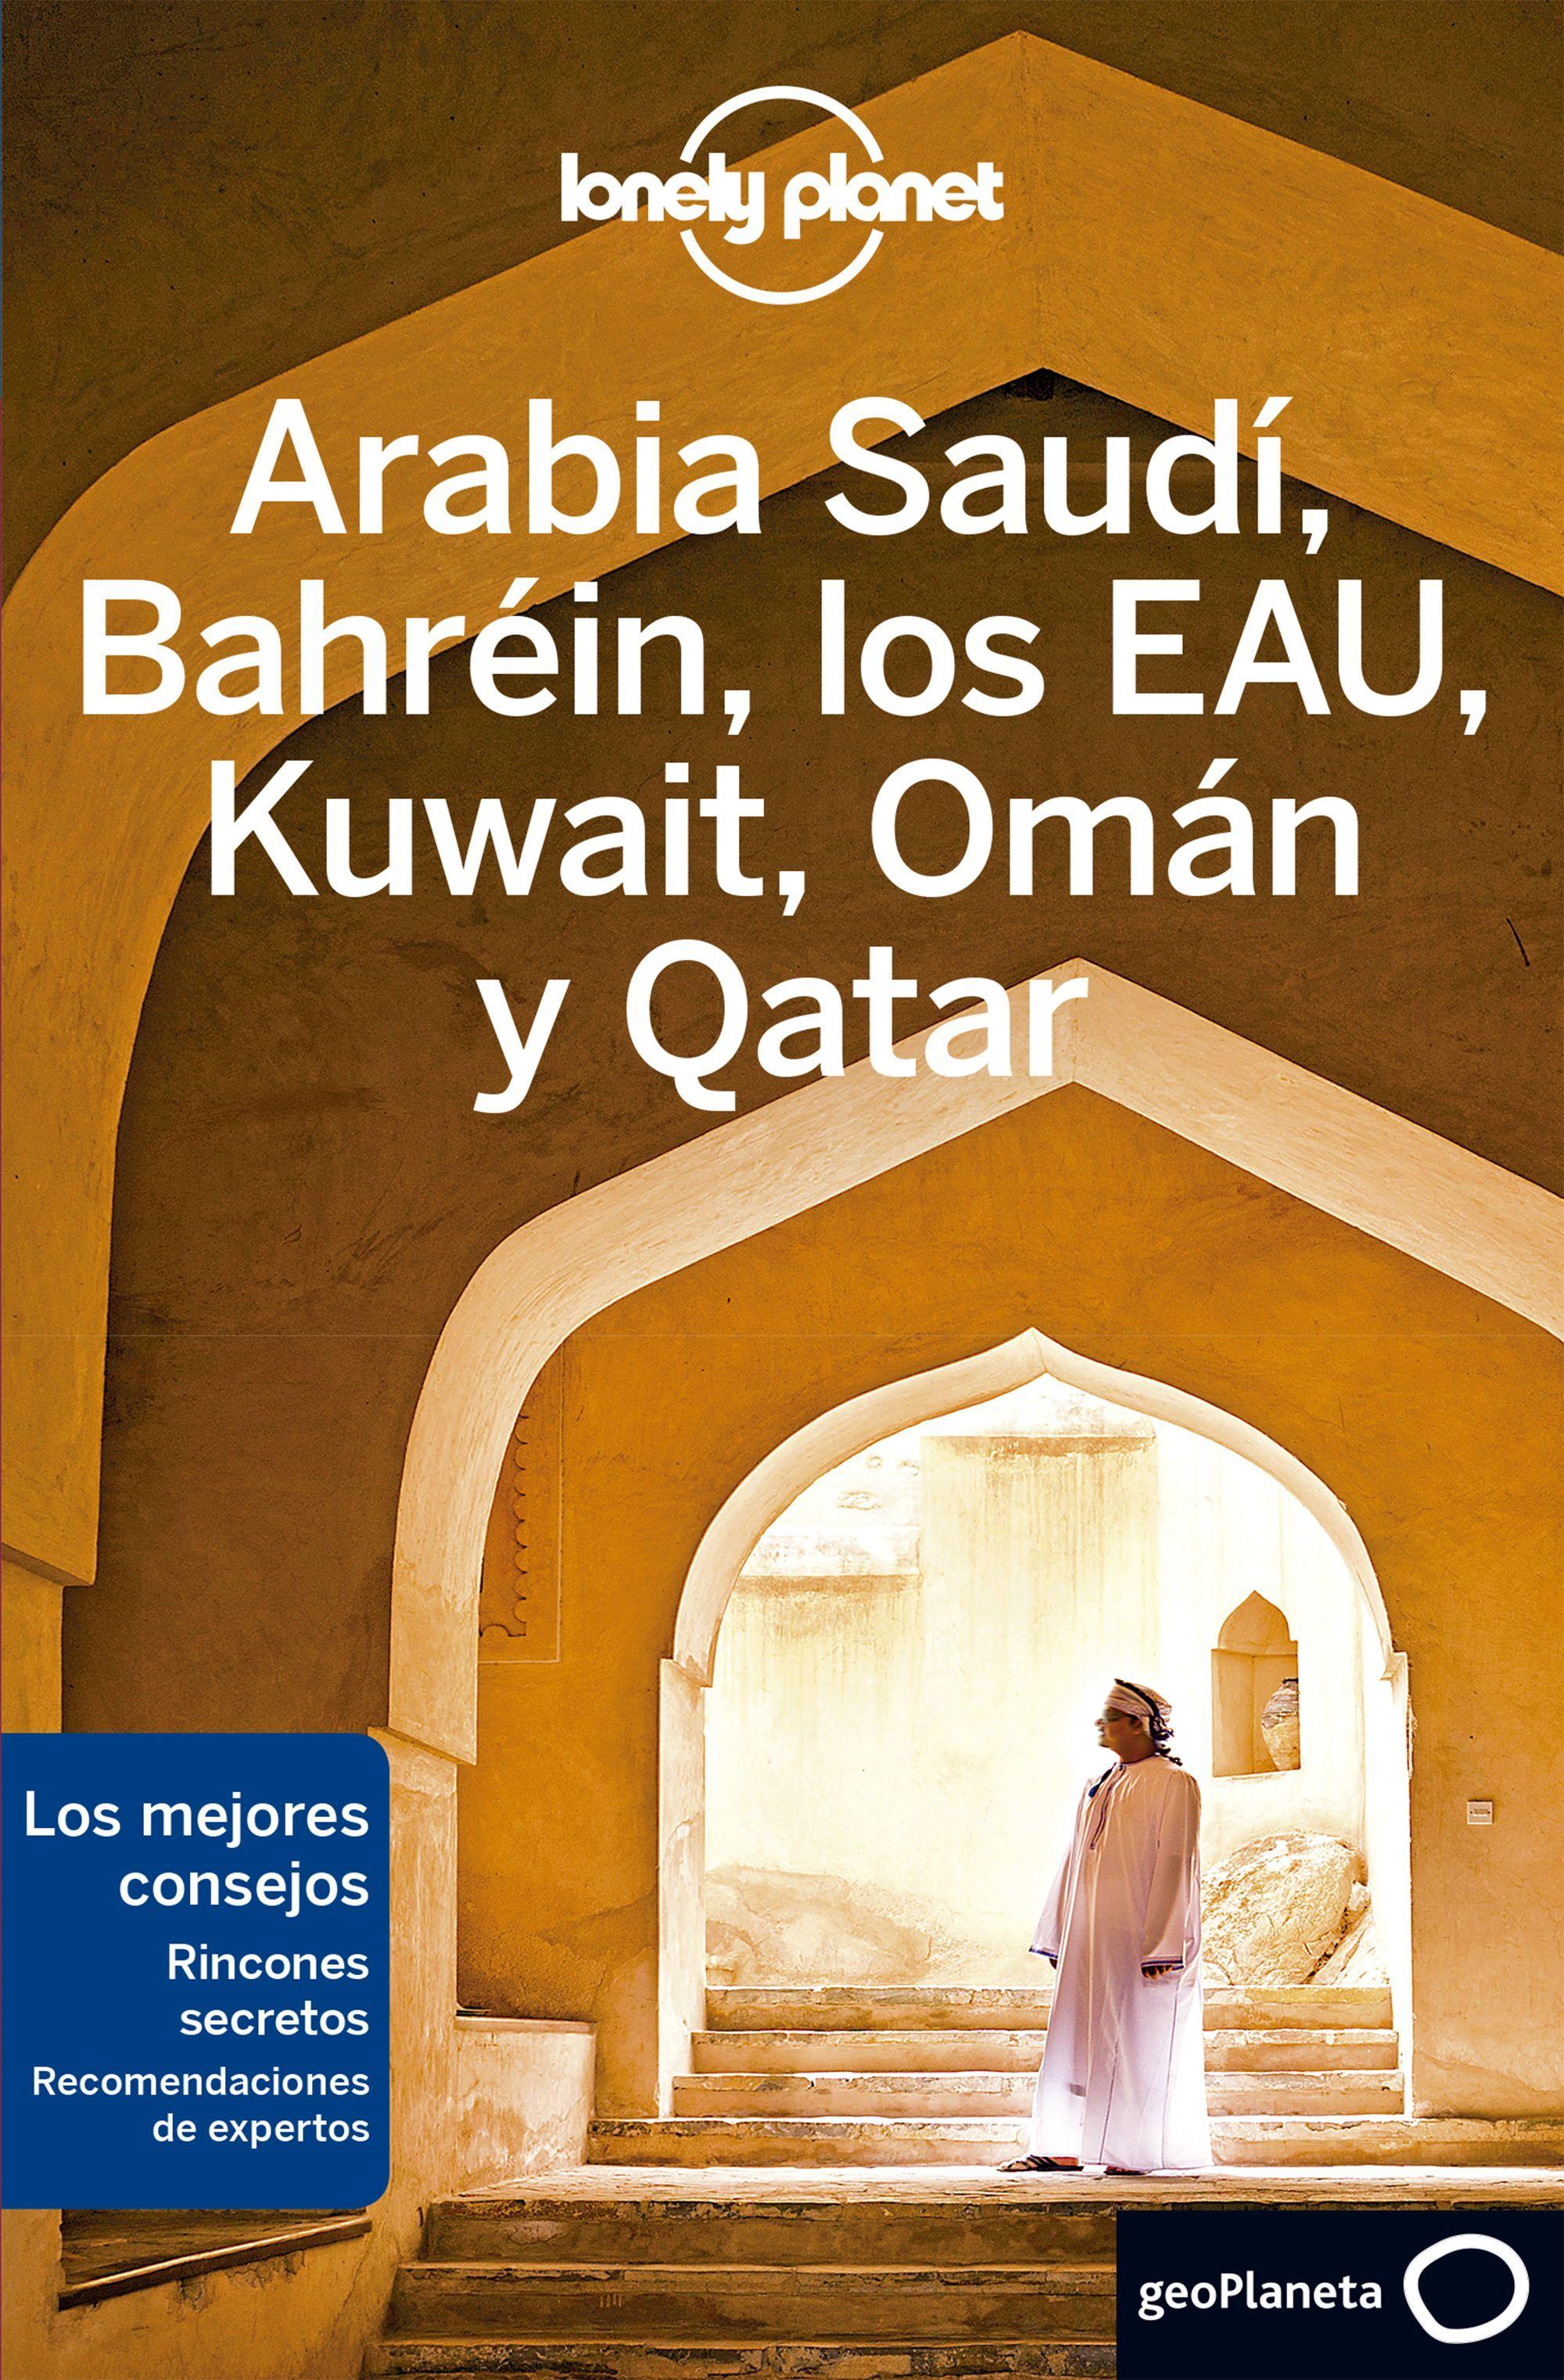 ARABIA SAUDI BAHREIN LOS EAU KUWAIT OMAN Y QATAR